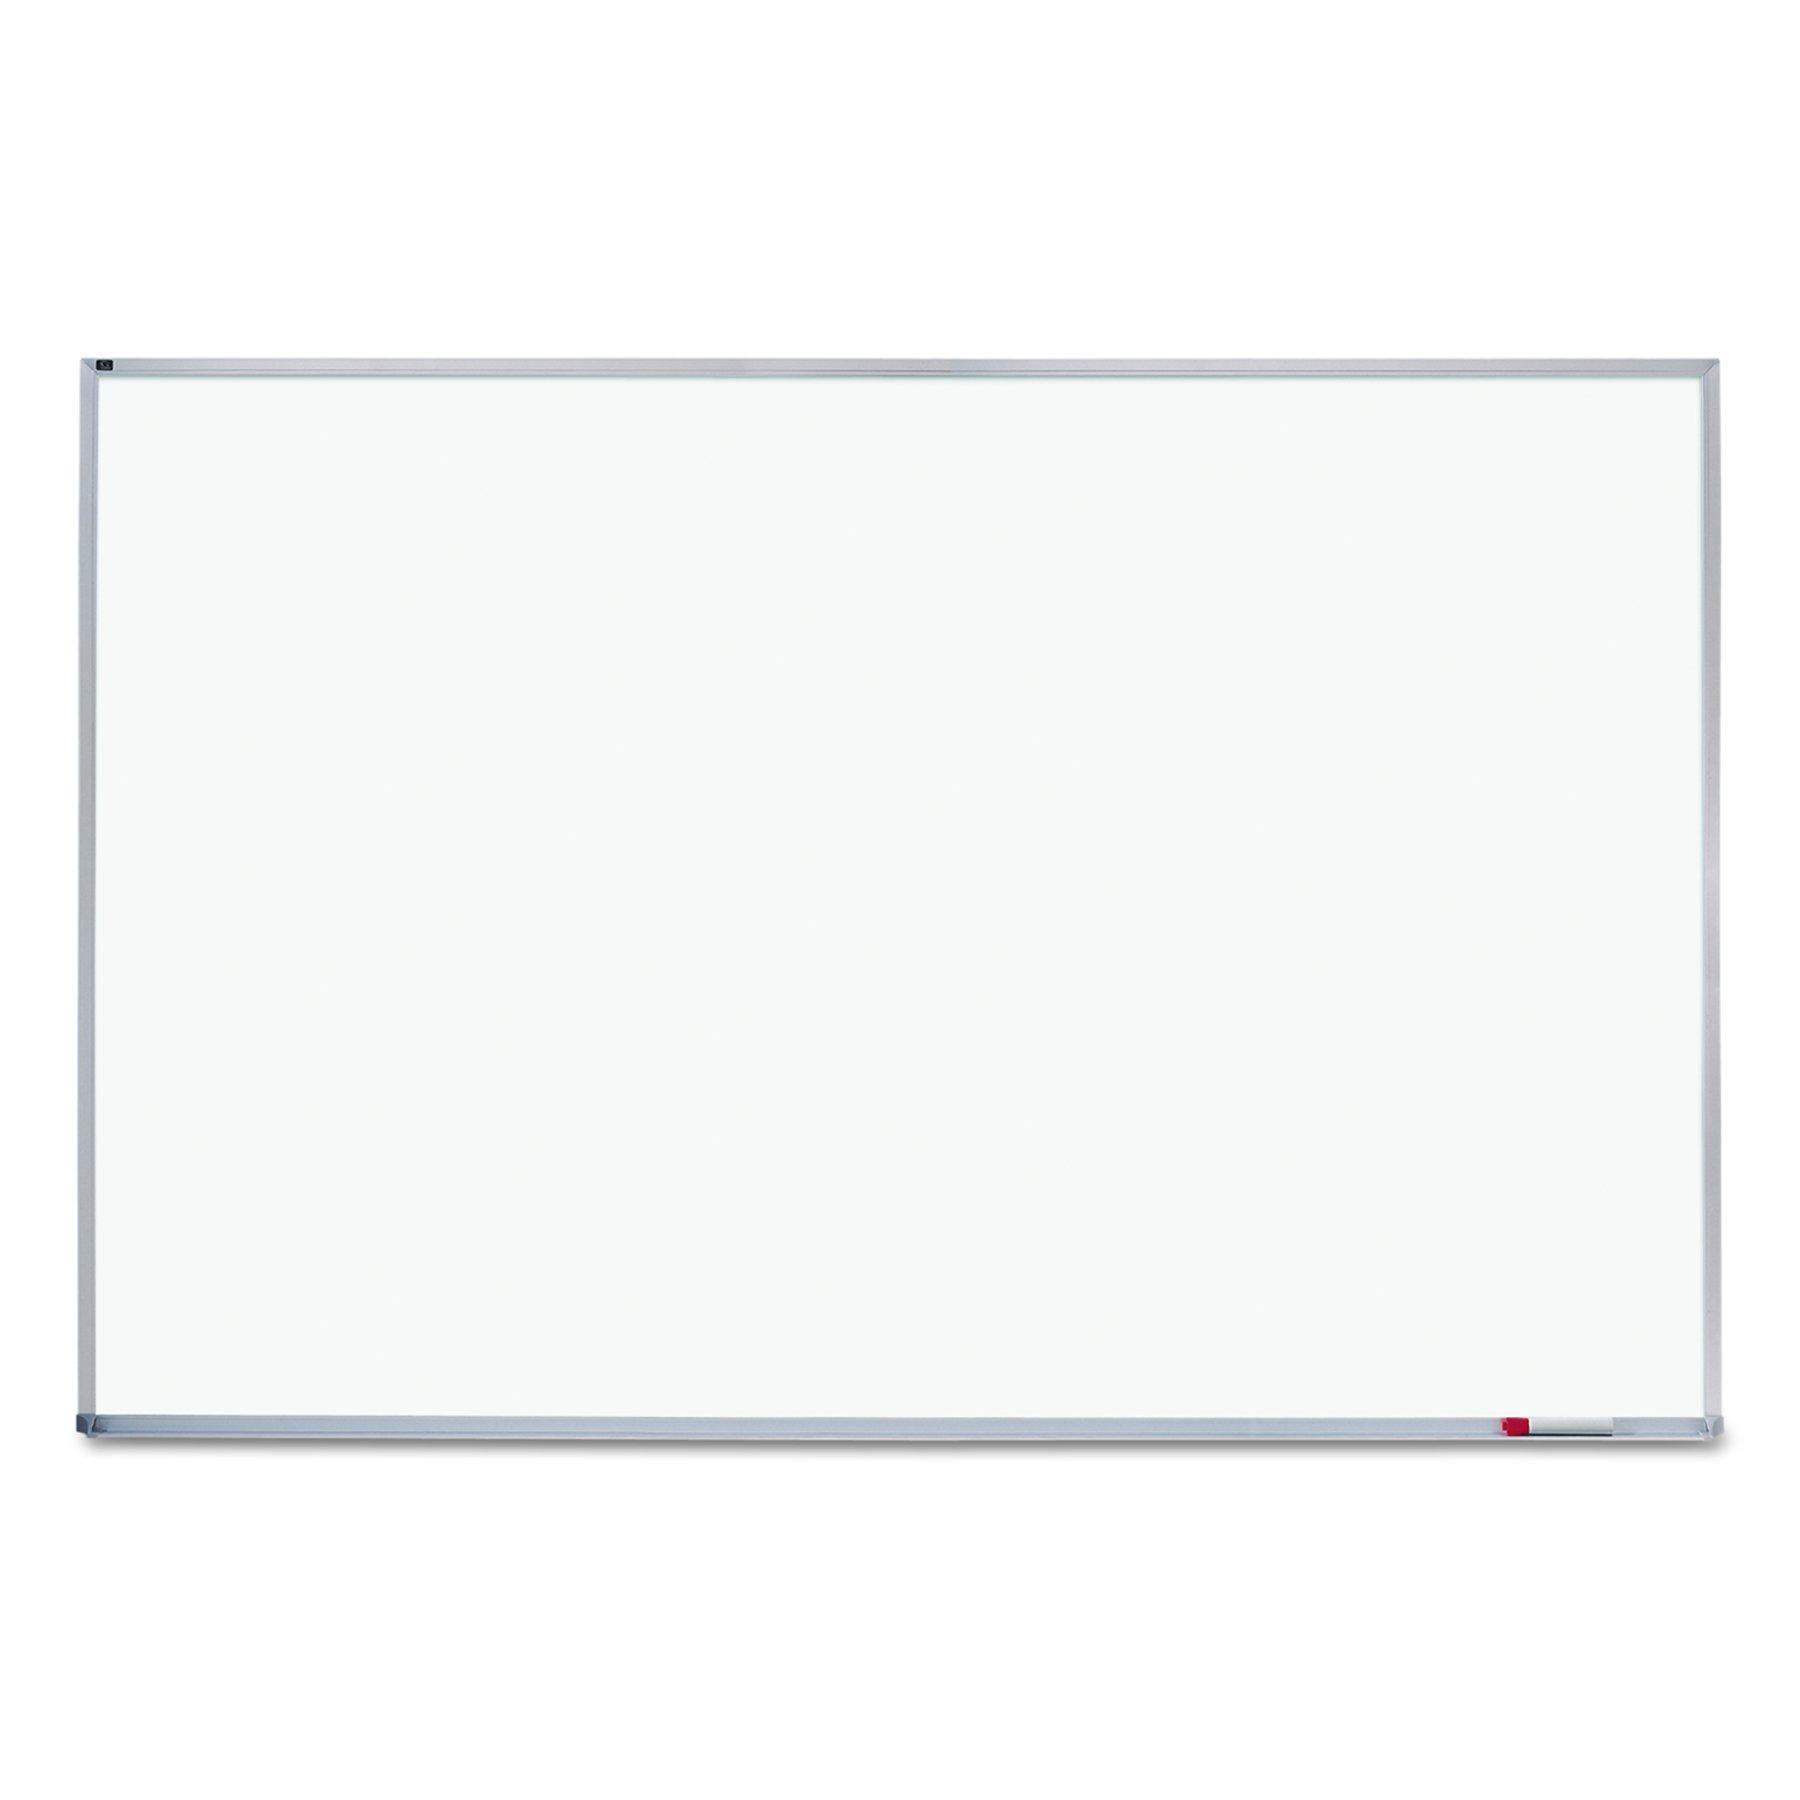 Quartet Whiteboard, 4' x 6', Aluminum Frame (EMA406) by Quartet